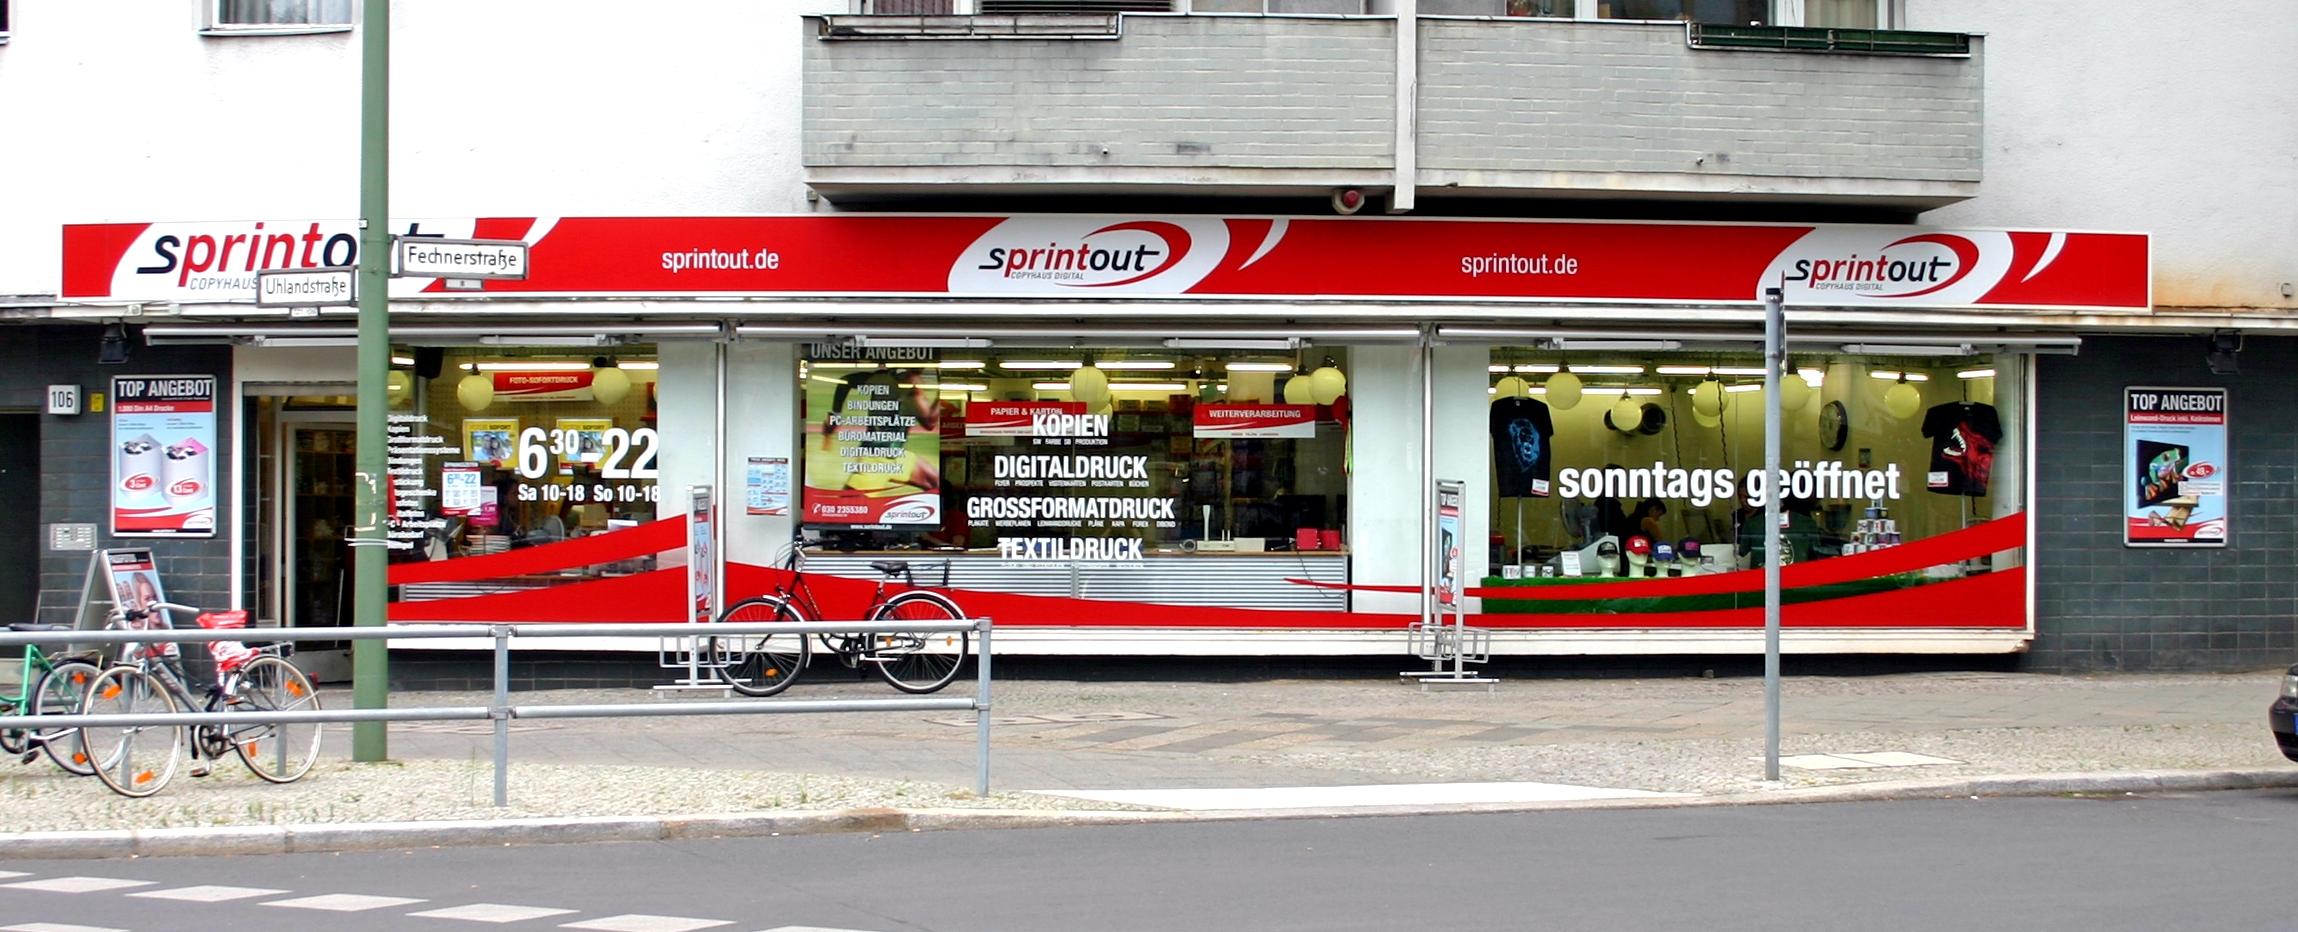 Sprintout Digitaldruck GmbH